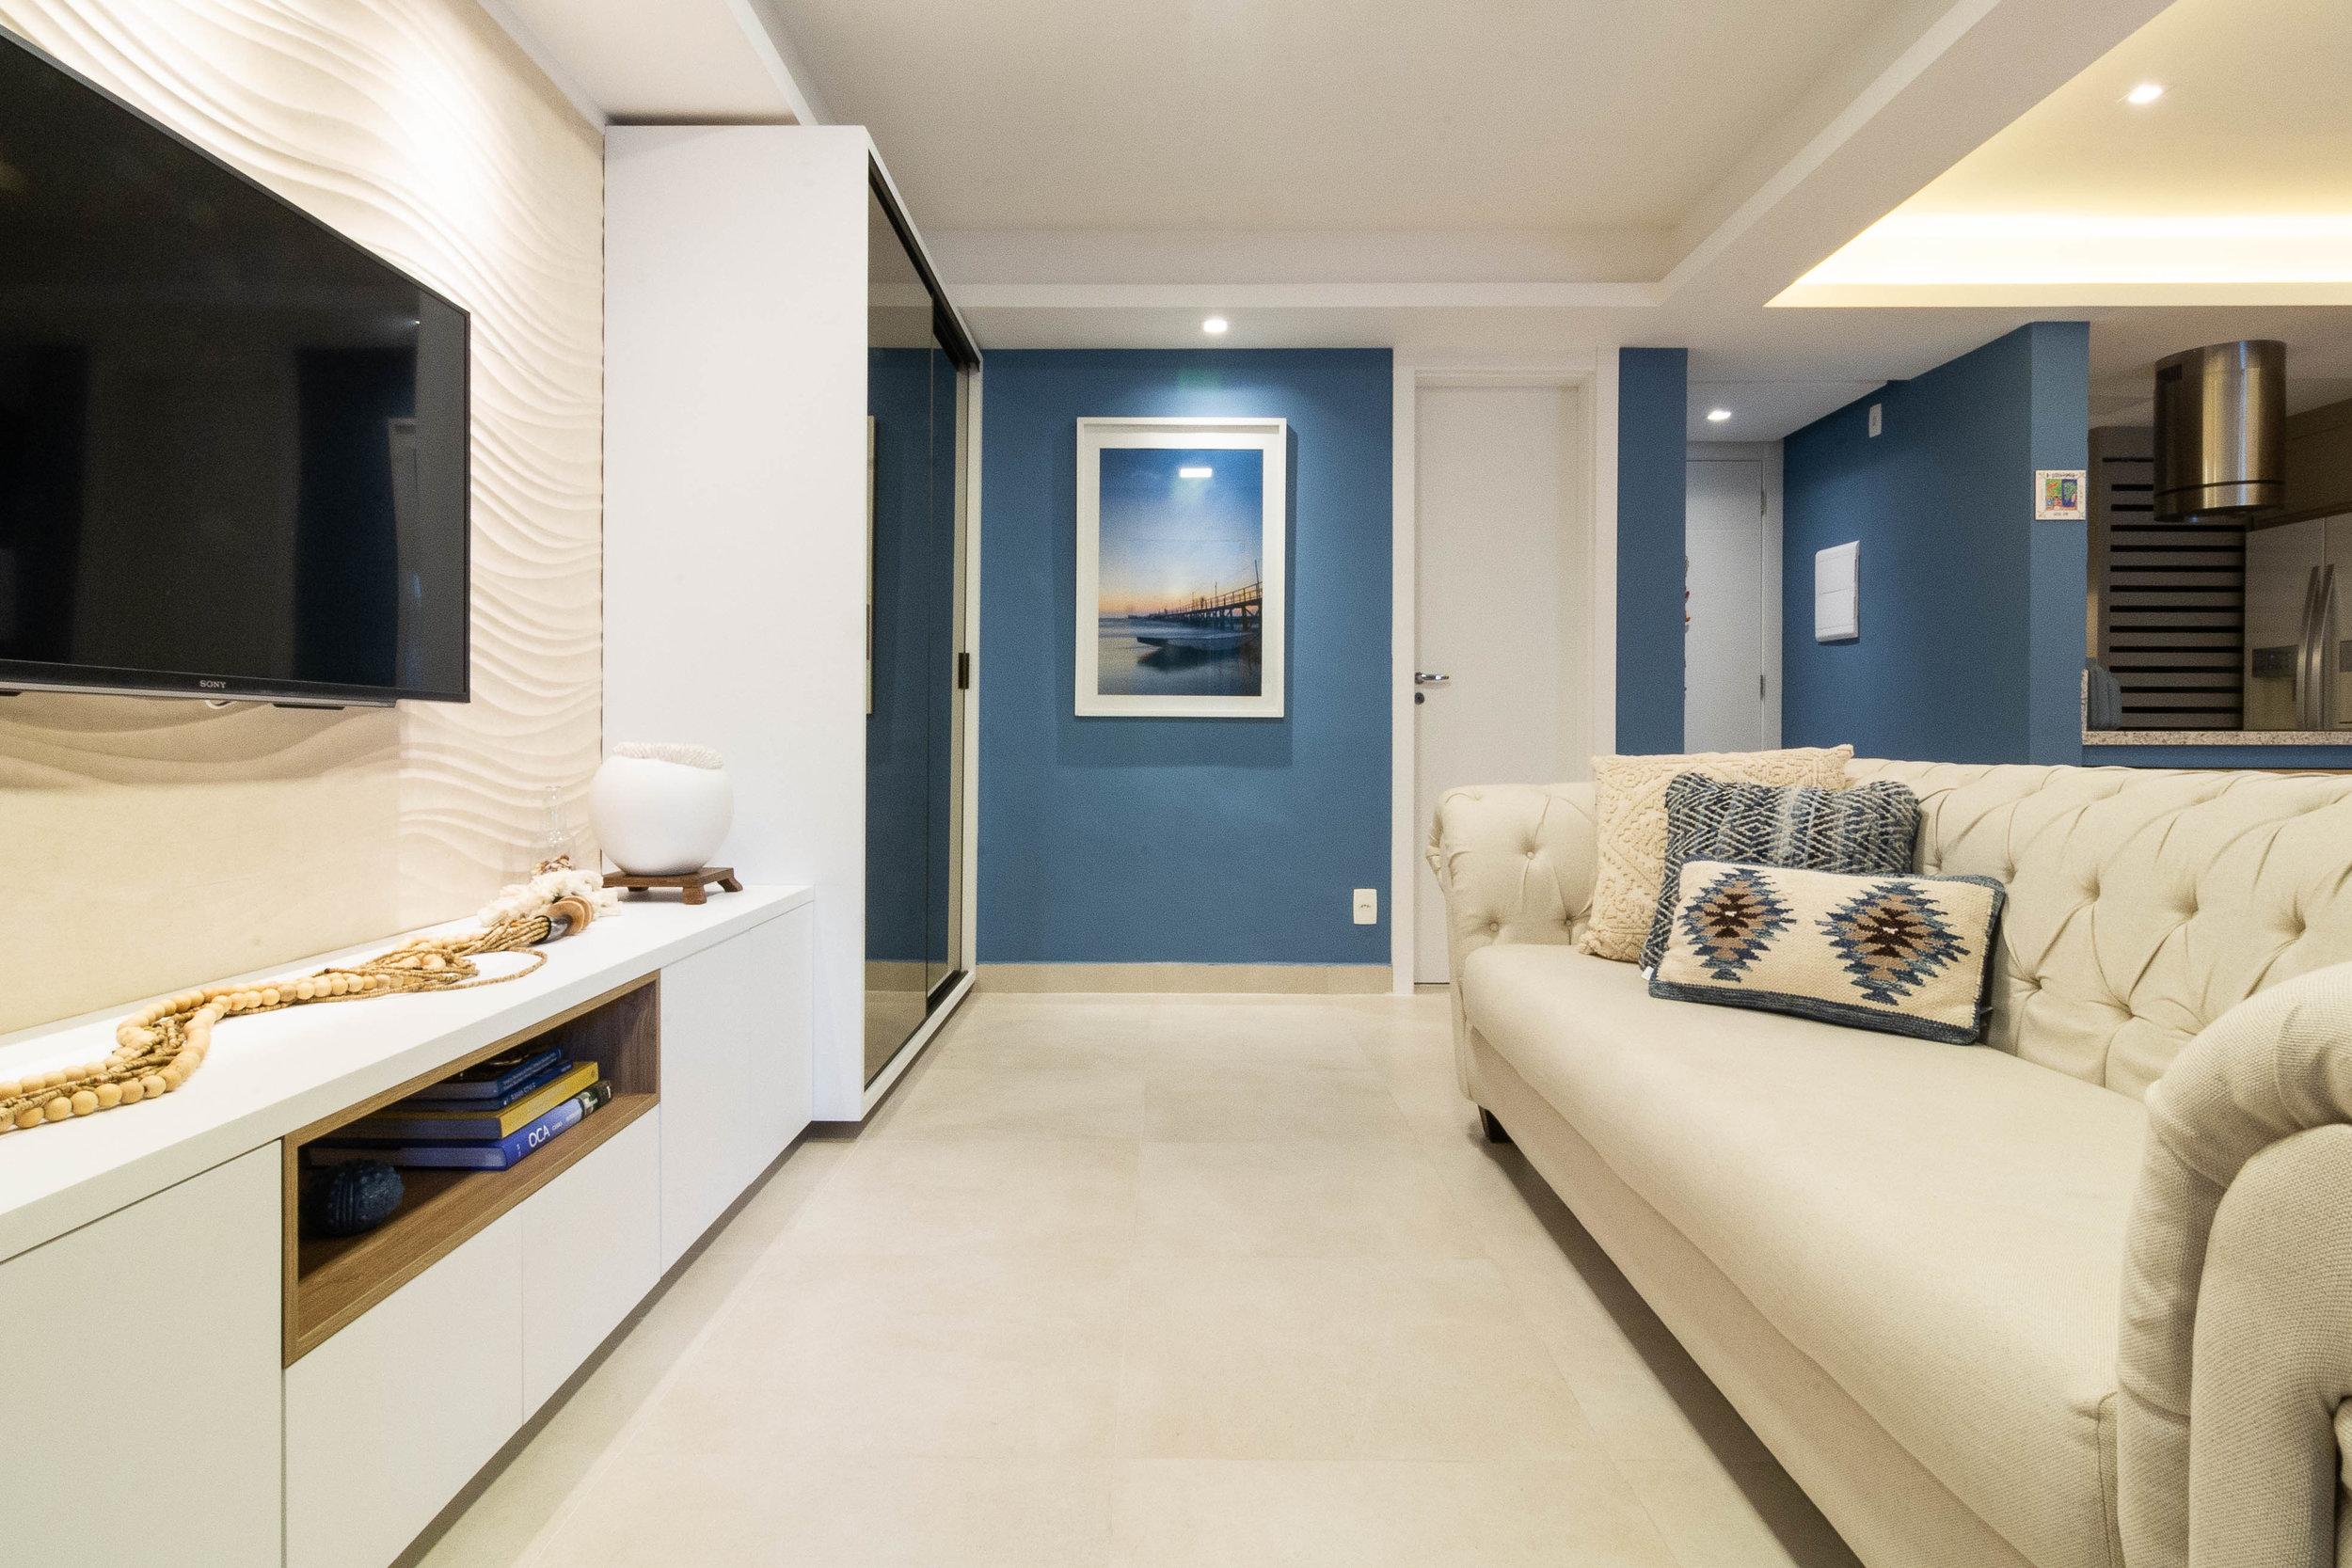 projeto-arquitetonico-luciananilton-duo-arquitetura-apartamentos-praia-05.jpg